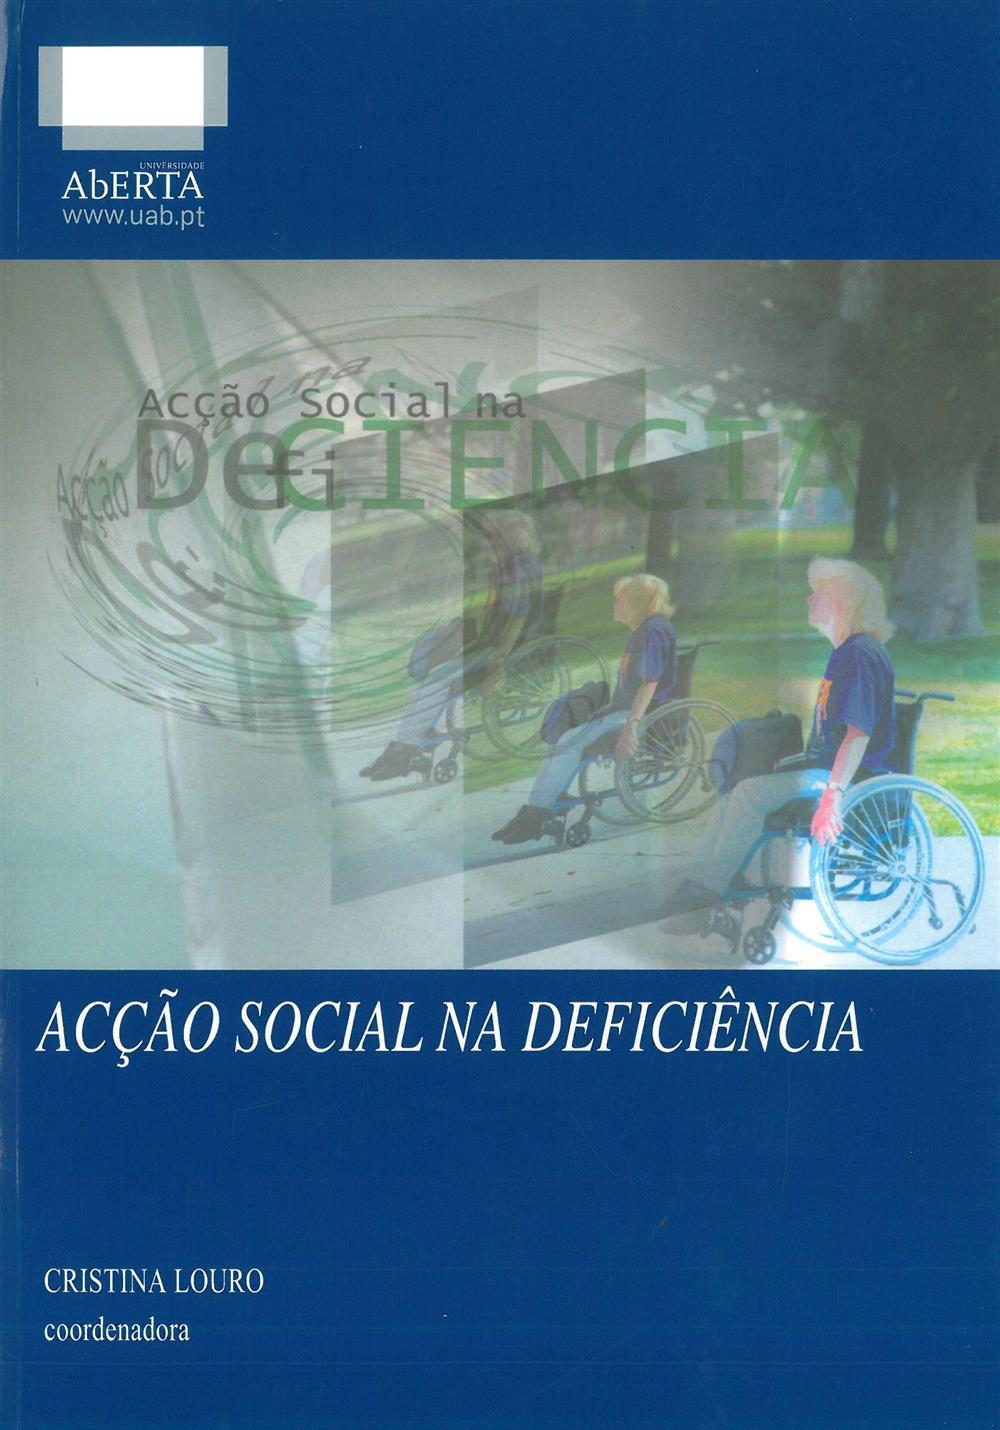 Acção social na deficiência_.jpg